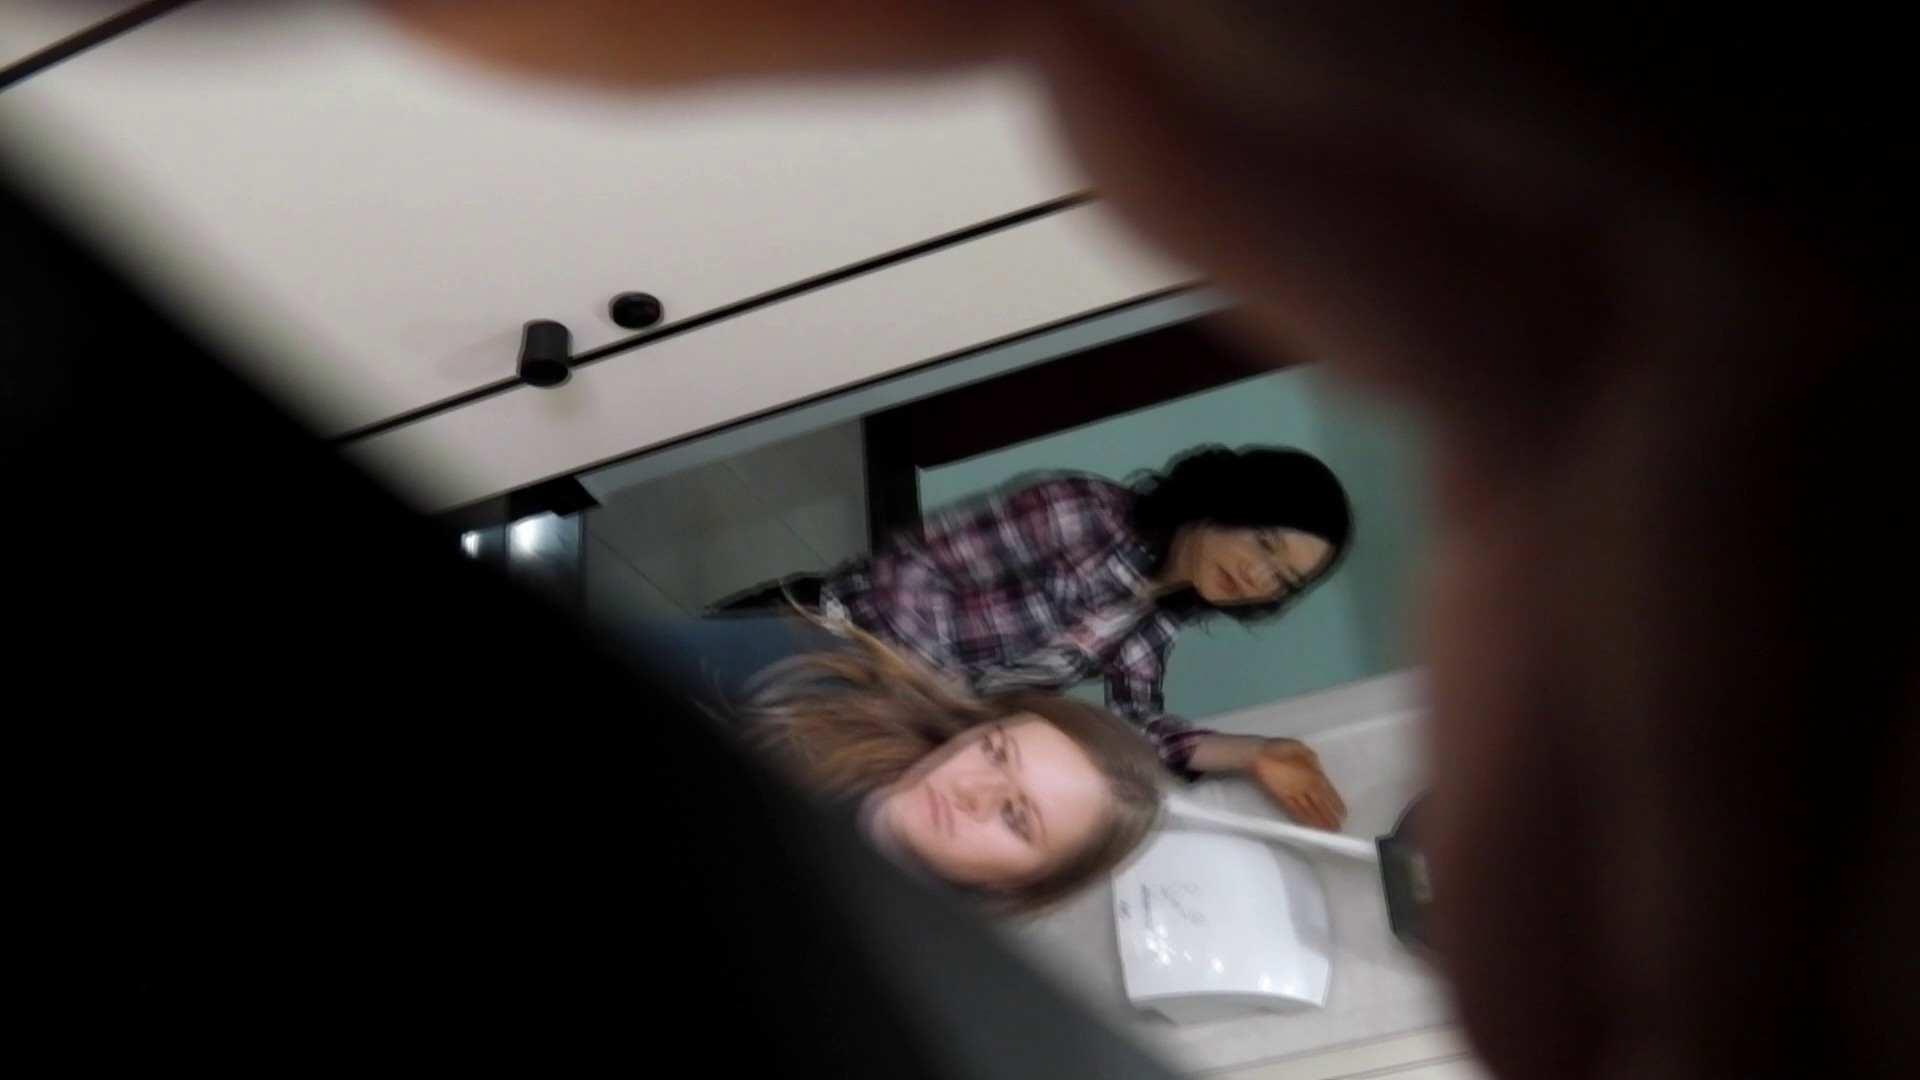 お市さんの「お尻丸出しジャンボリー」 09 発見!可愛い日本人二人組 お姉さん攻略 セックス画像 108画像 58